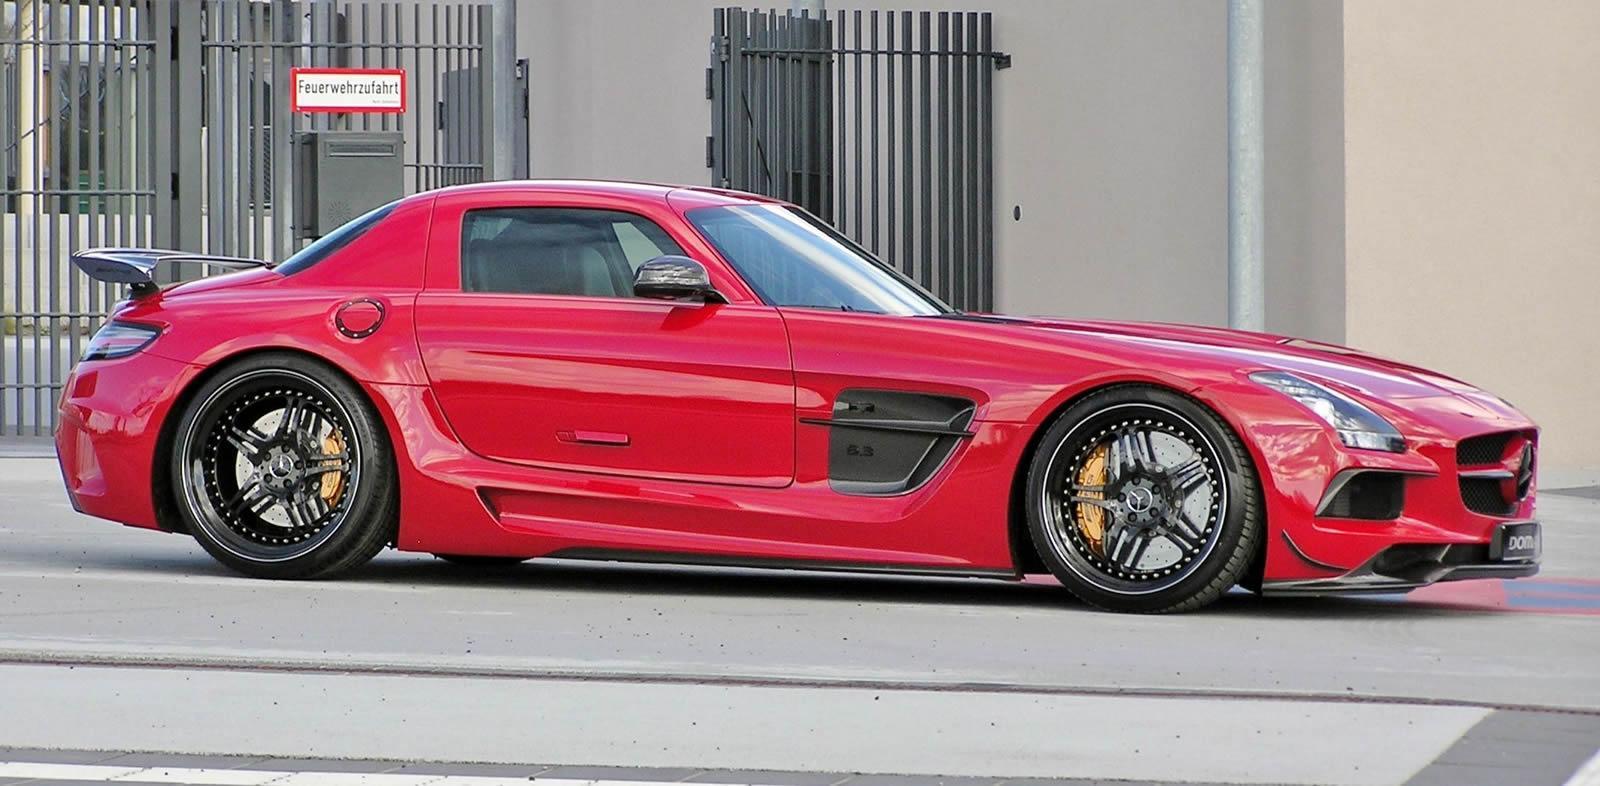 ... Mercedes SLS AMG Black Series - BenzInsider.com - A Mercedes-Benz Fan